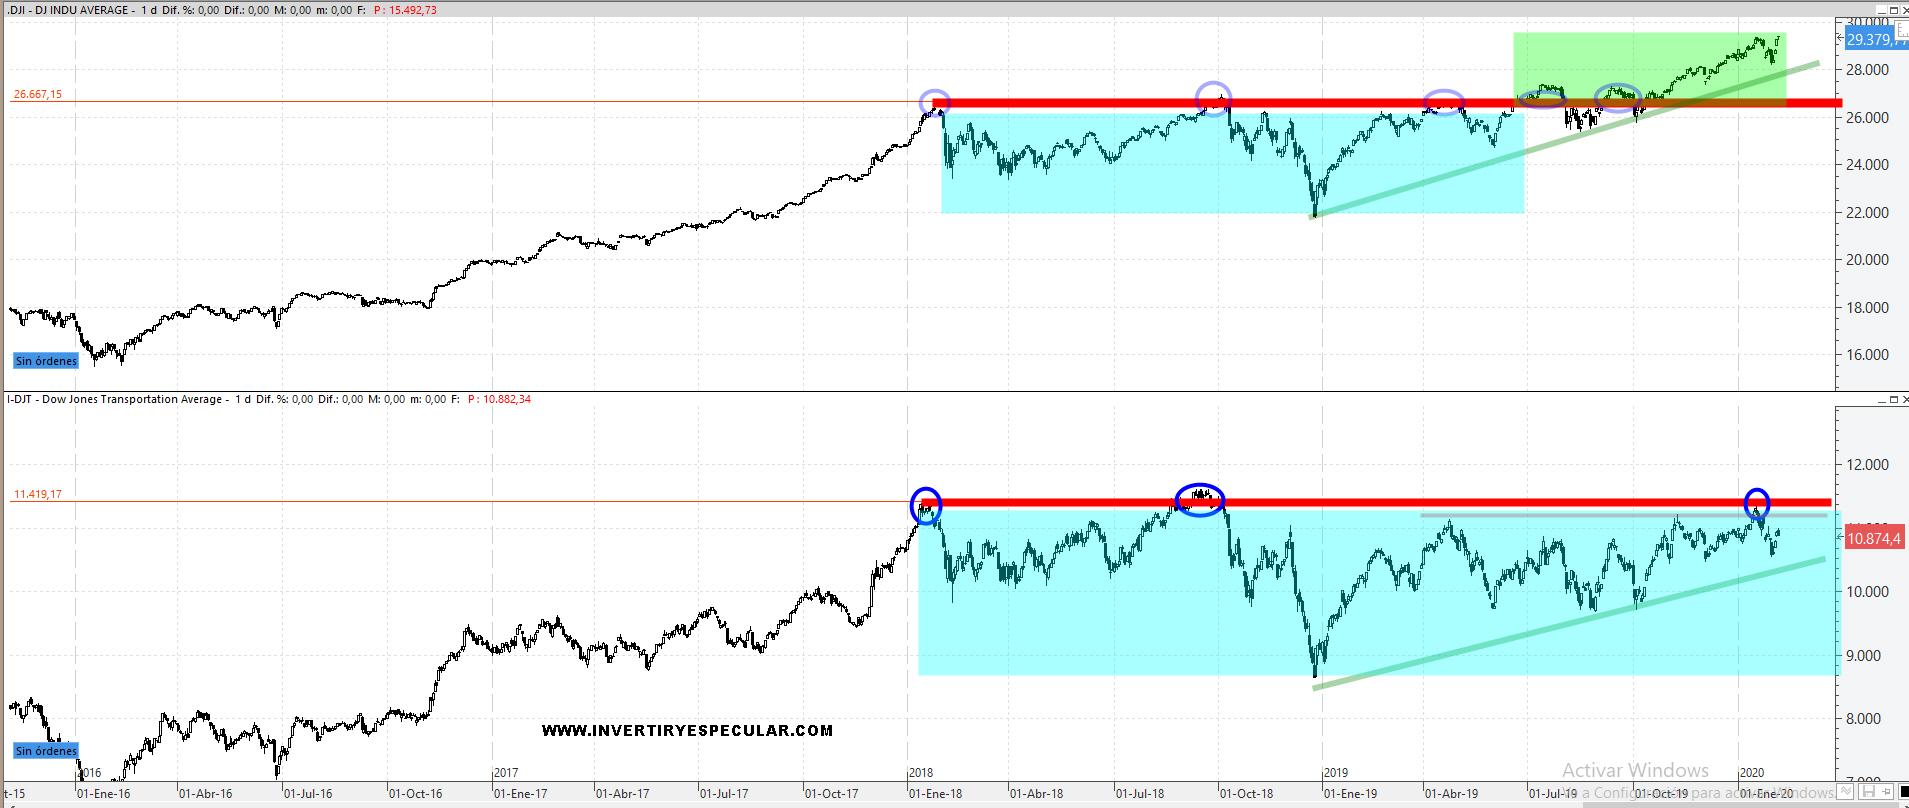 La difierencia de fuerza tendencial  sigue siendo favorable al Dow Jones de Industriales